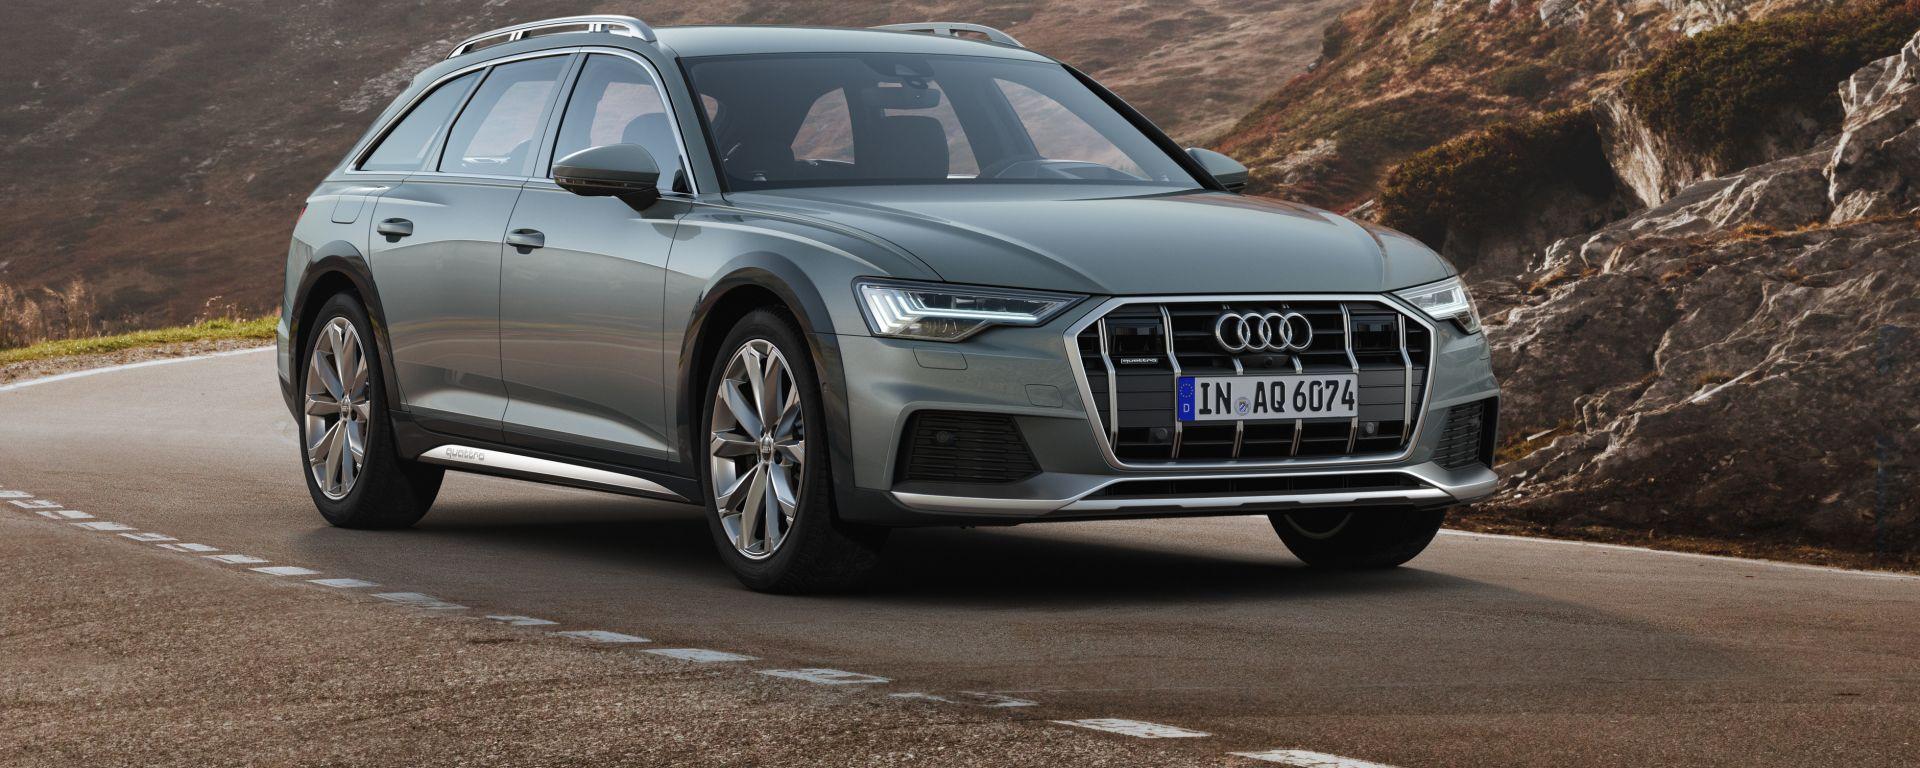 aliexpress save up to 80% new cheap Nuova Audi A6 allroad 2019: al via gli ordini, i prezzi ...